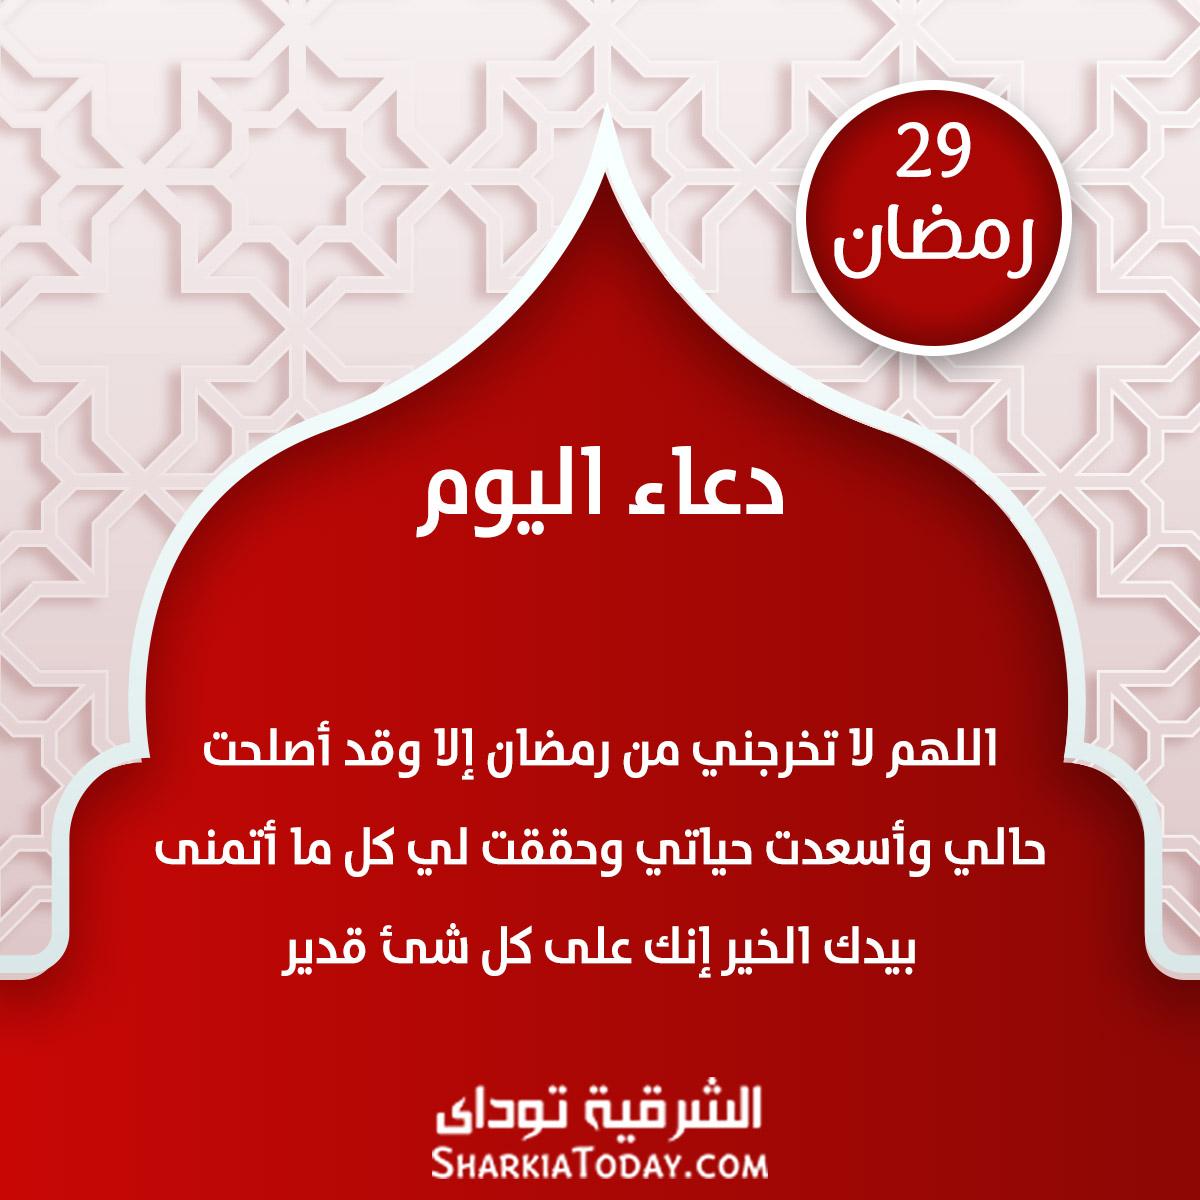 29 رمضان